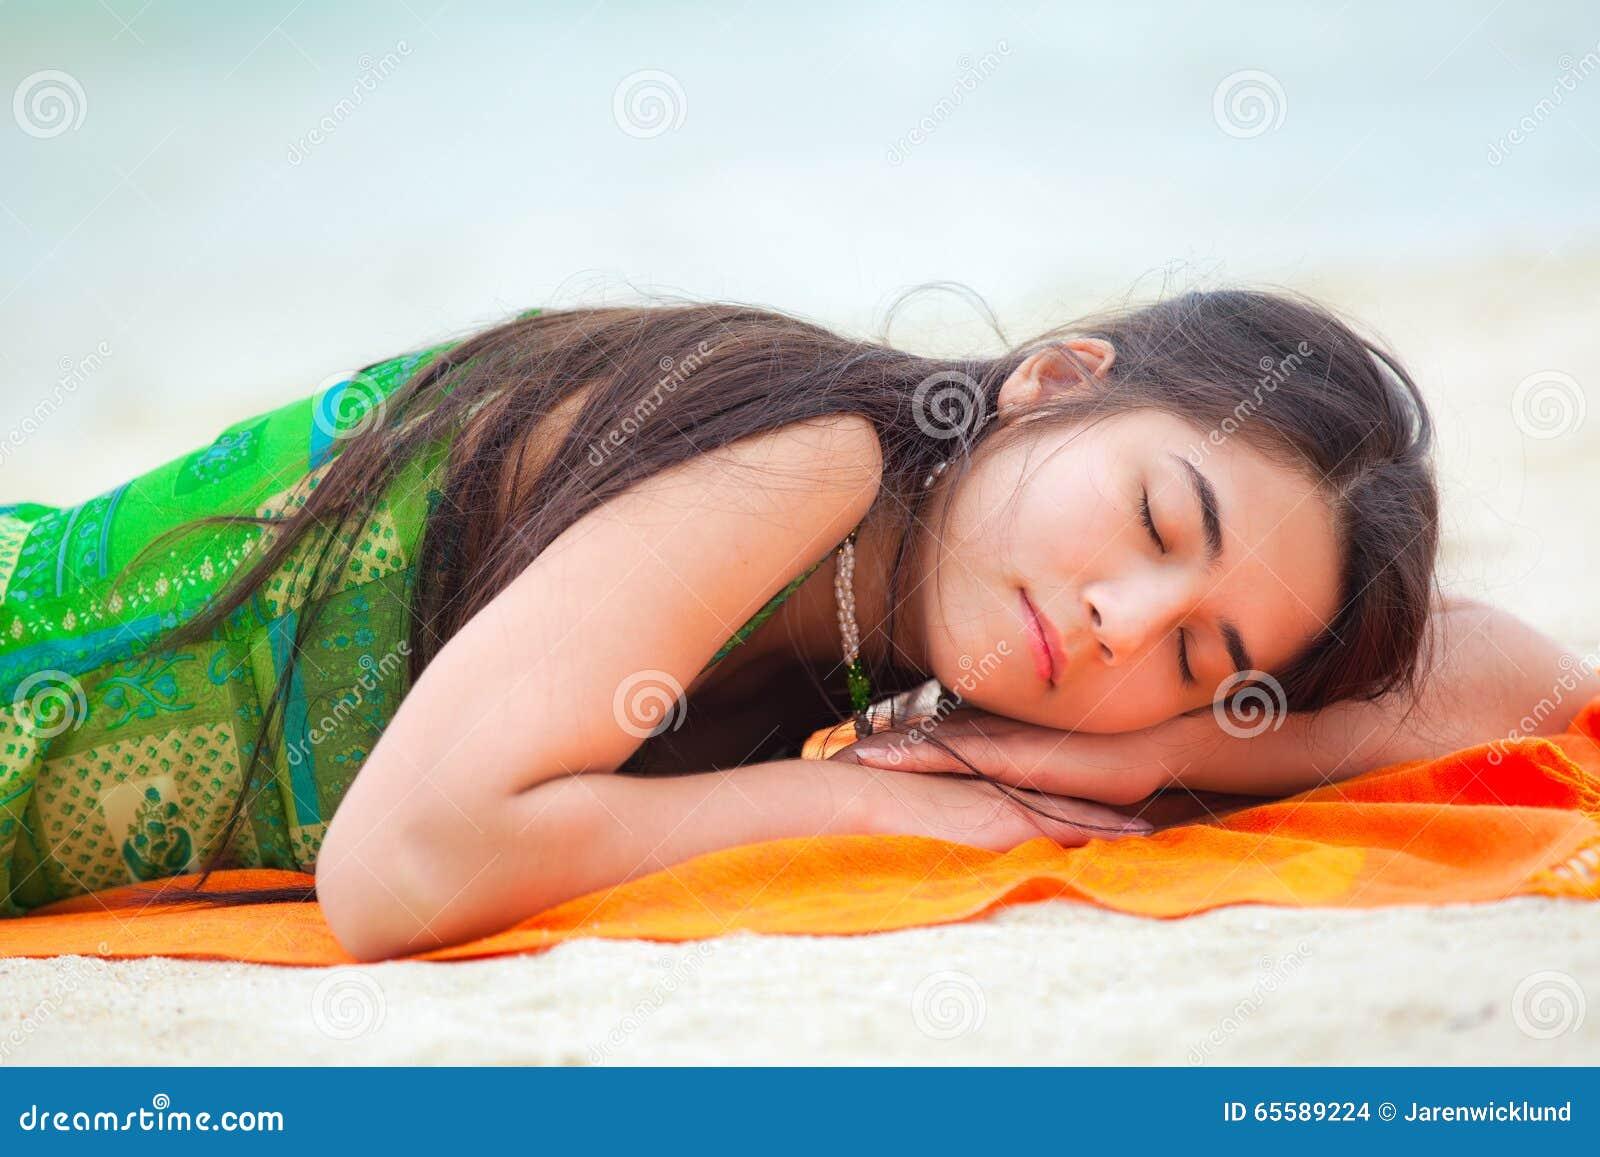 Sleeping Teen Down 115